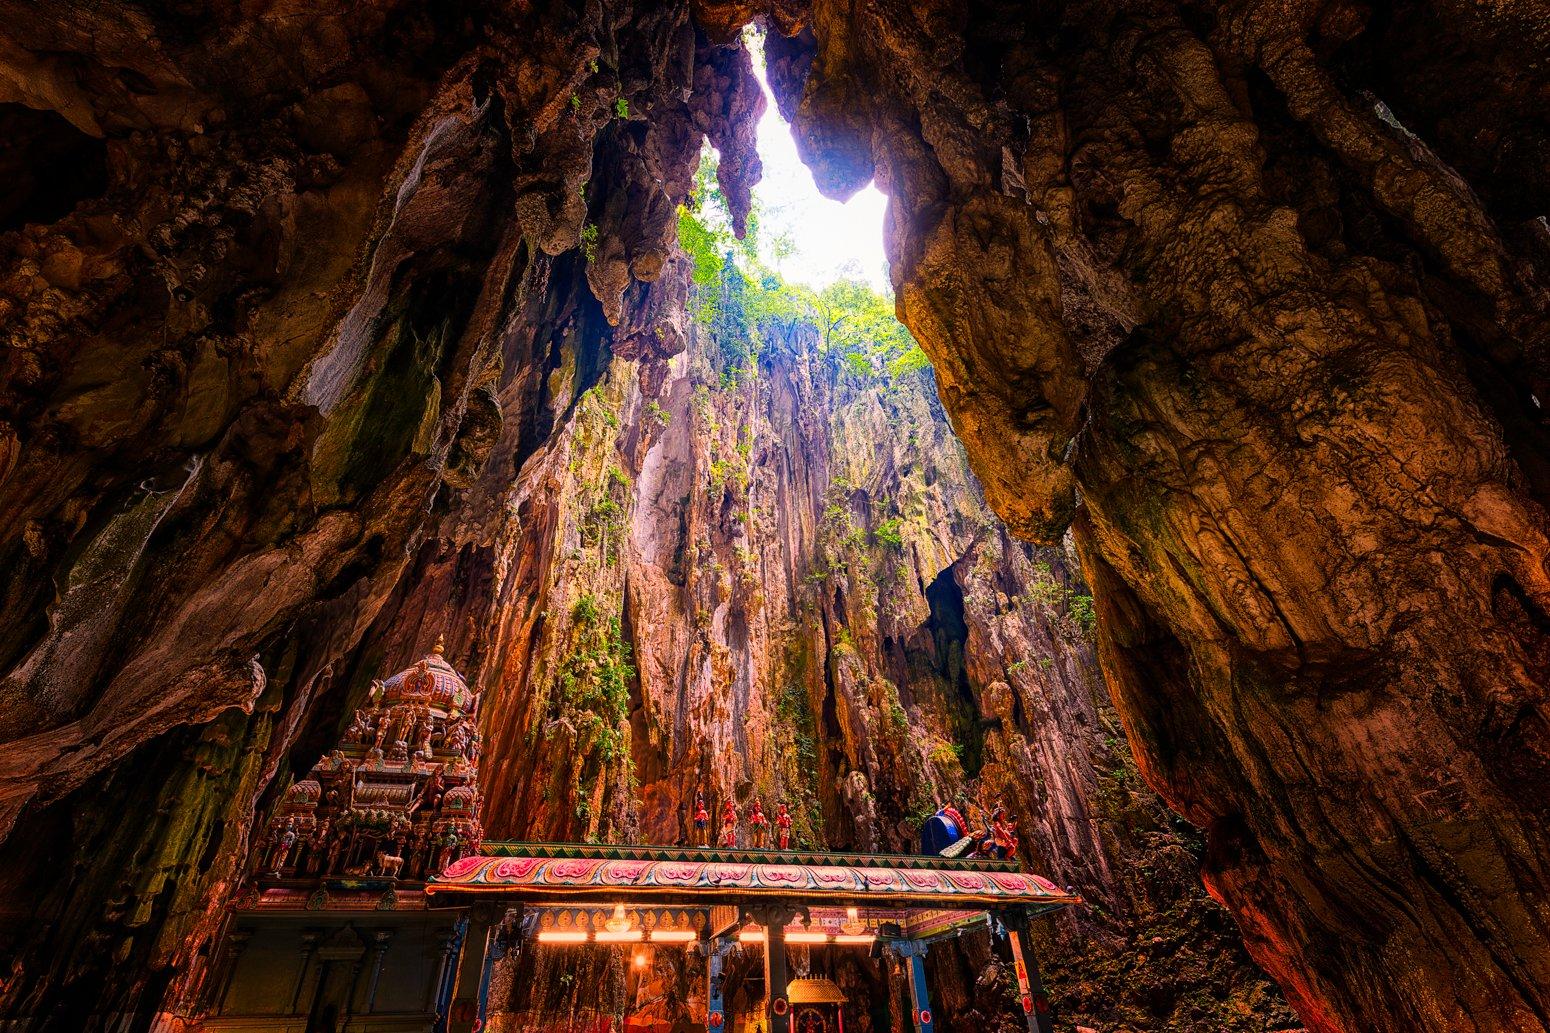 Batu Cave near Kuala Lumpur, Malaysia with Hindu temple in the morning sun.